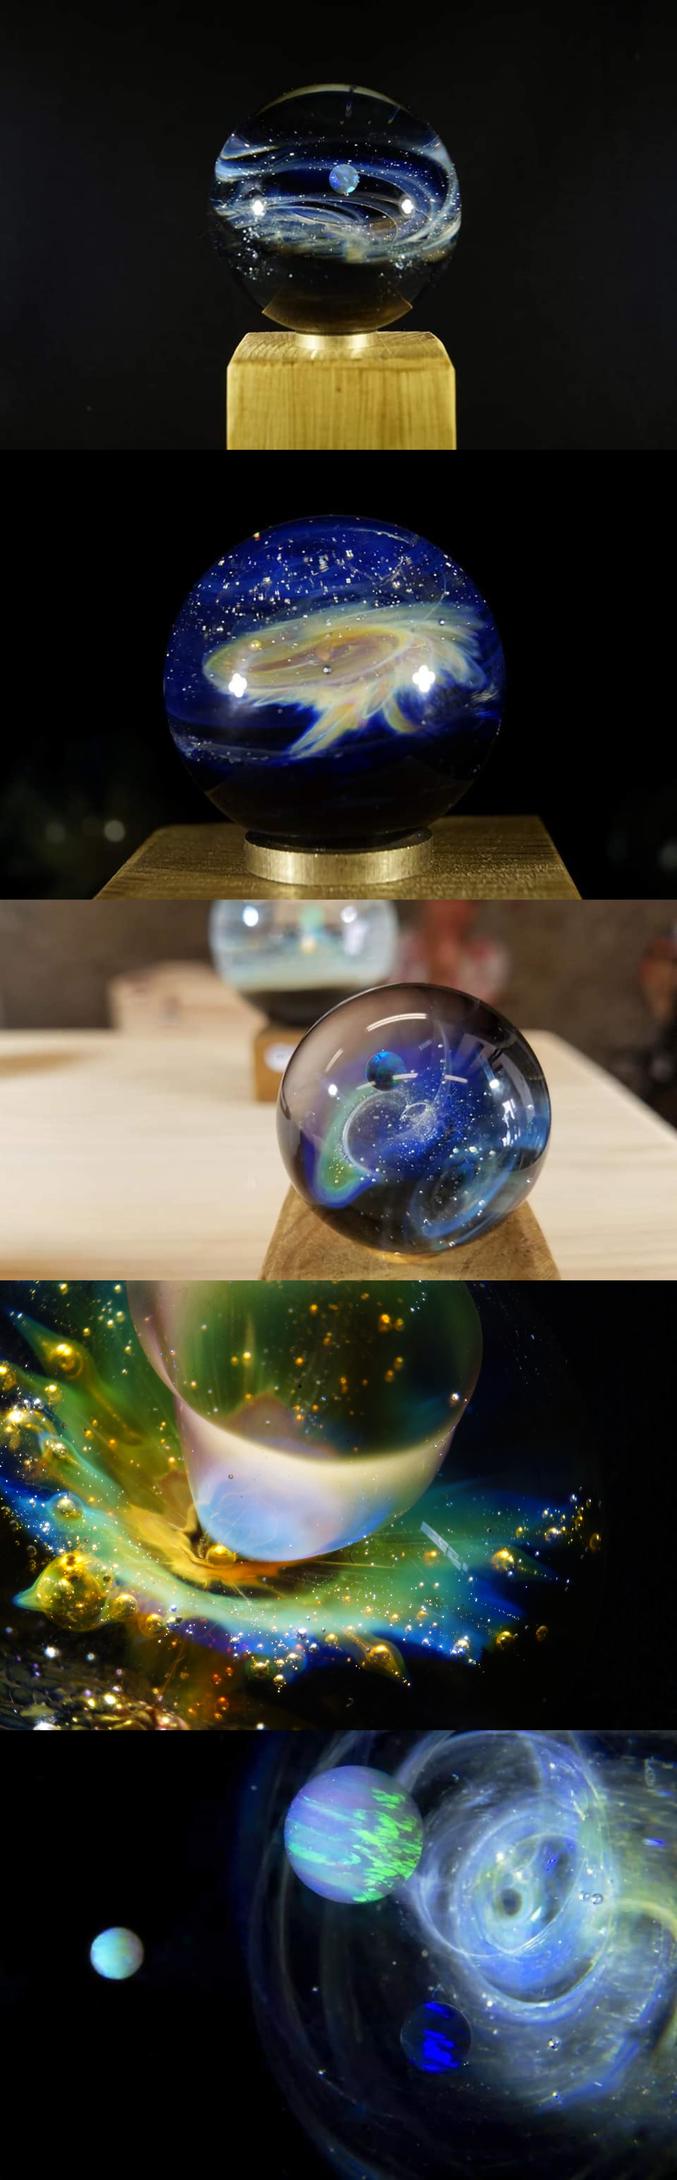 """Par un artisan français, <a href=""""https://www.instagram.com/univers_fusion/"""" target=""""_blank"""">Nicolas Gayvallet.</a> Ses pendentifs sont souvent sur le thème de l'espace, entièrement réalisés en verre et avec des métaux précieux, toutes les étoiles sont faites partir de poudre d'argent pur (99,99%). Au centre est incluse une opale de synthèse spécialement conçue pour résister aux températures de travail du verre, cette sphère rajoute une touche spatiale.  Les traînées de couleurs sont obtenues par la technique du """"fuming"""", qui consiste à vaporiser de l'or où de l'argent pur sur la pièce en le chauffant à haute température dans la flamme du chalumeau. Ce qui lui permet de réaliser ses propres couleurs en halo de différentes teintes selon la méthode d'application.  L'intensité des couleurs varient selon l'éclairage, ce qui permet de se laisser voyager en observent cet univers sous tous les angles.  <a href=""""https://www.etsy.com/fr/shop/UniversFusion"""" target=""""_blank"""">Sa boutique en ligne</a>"""